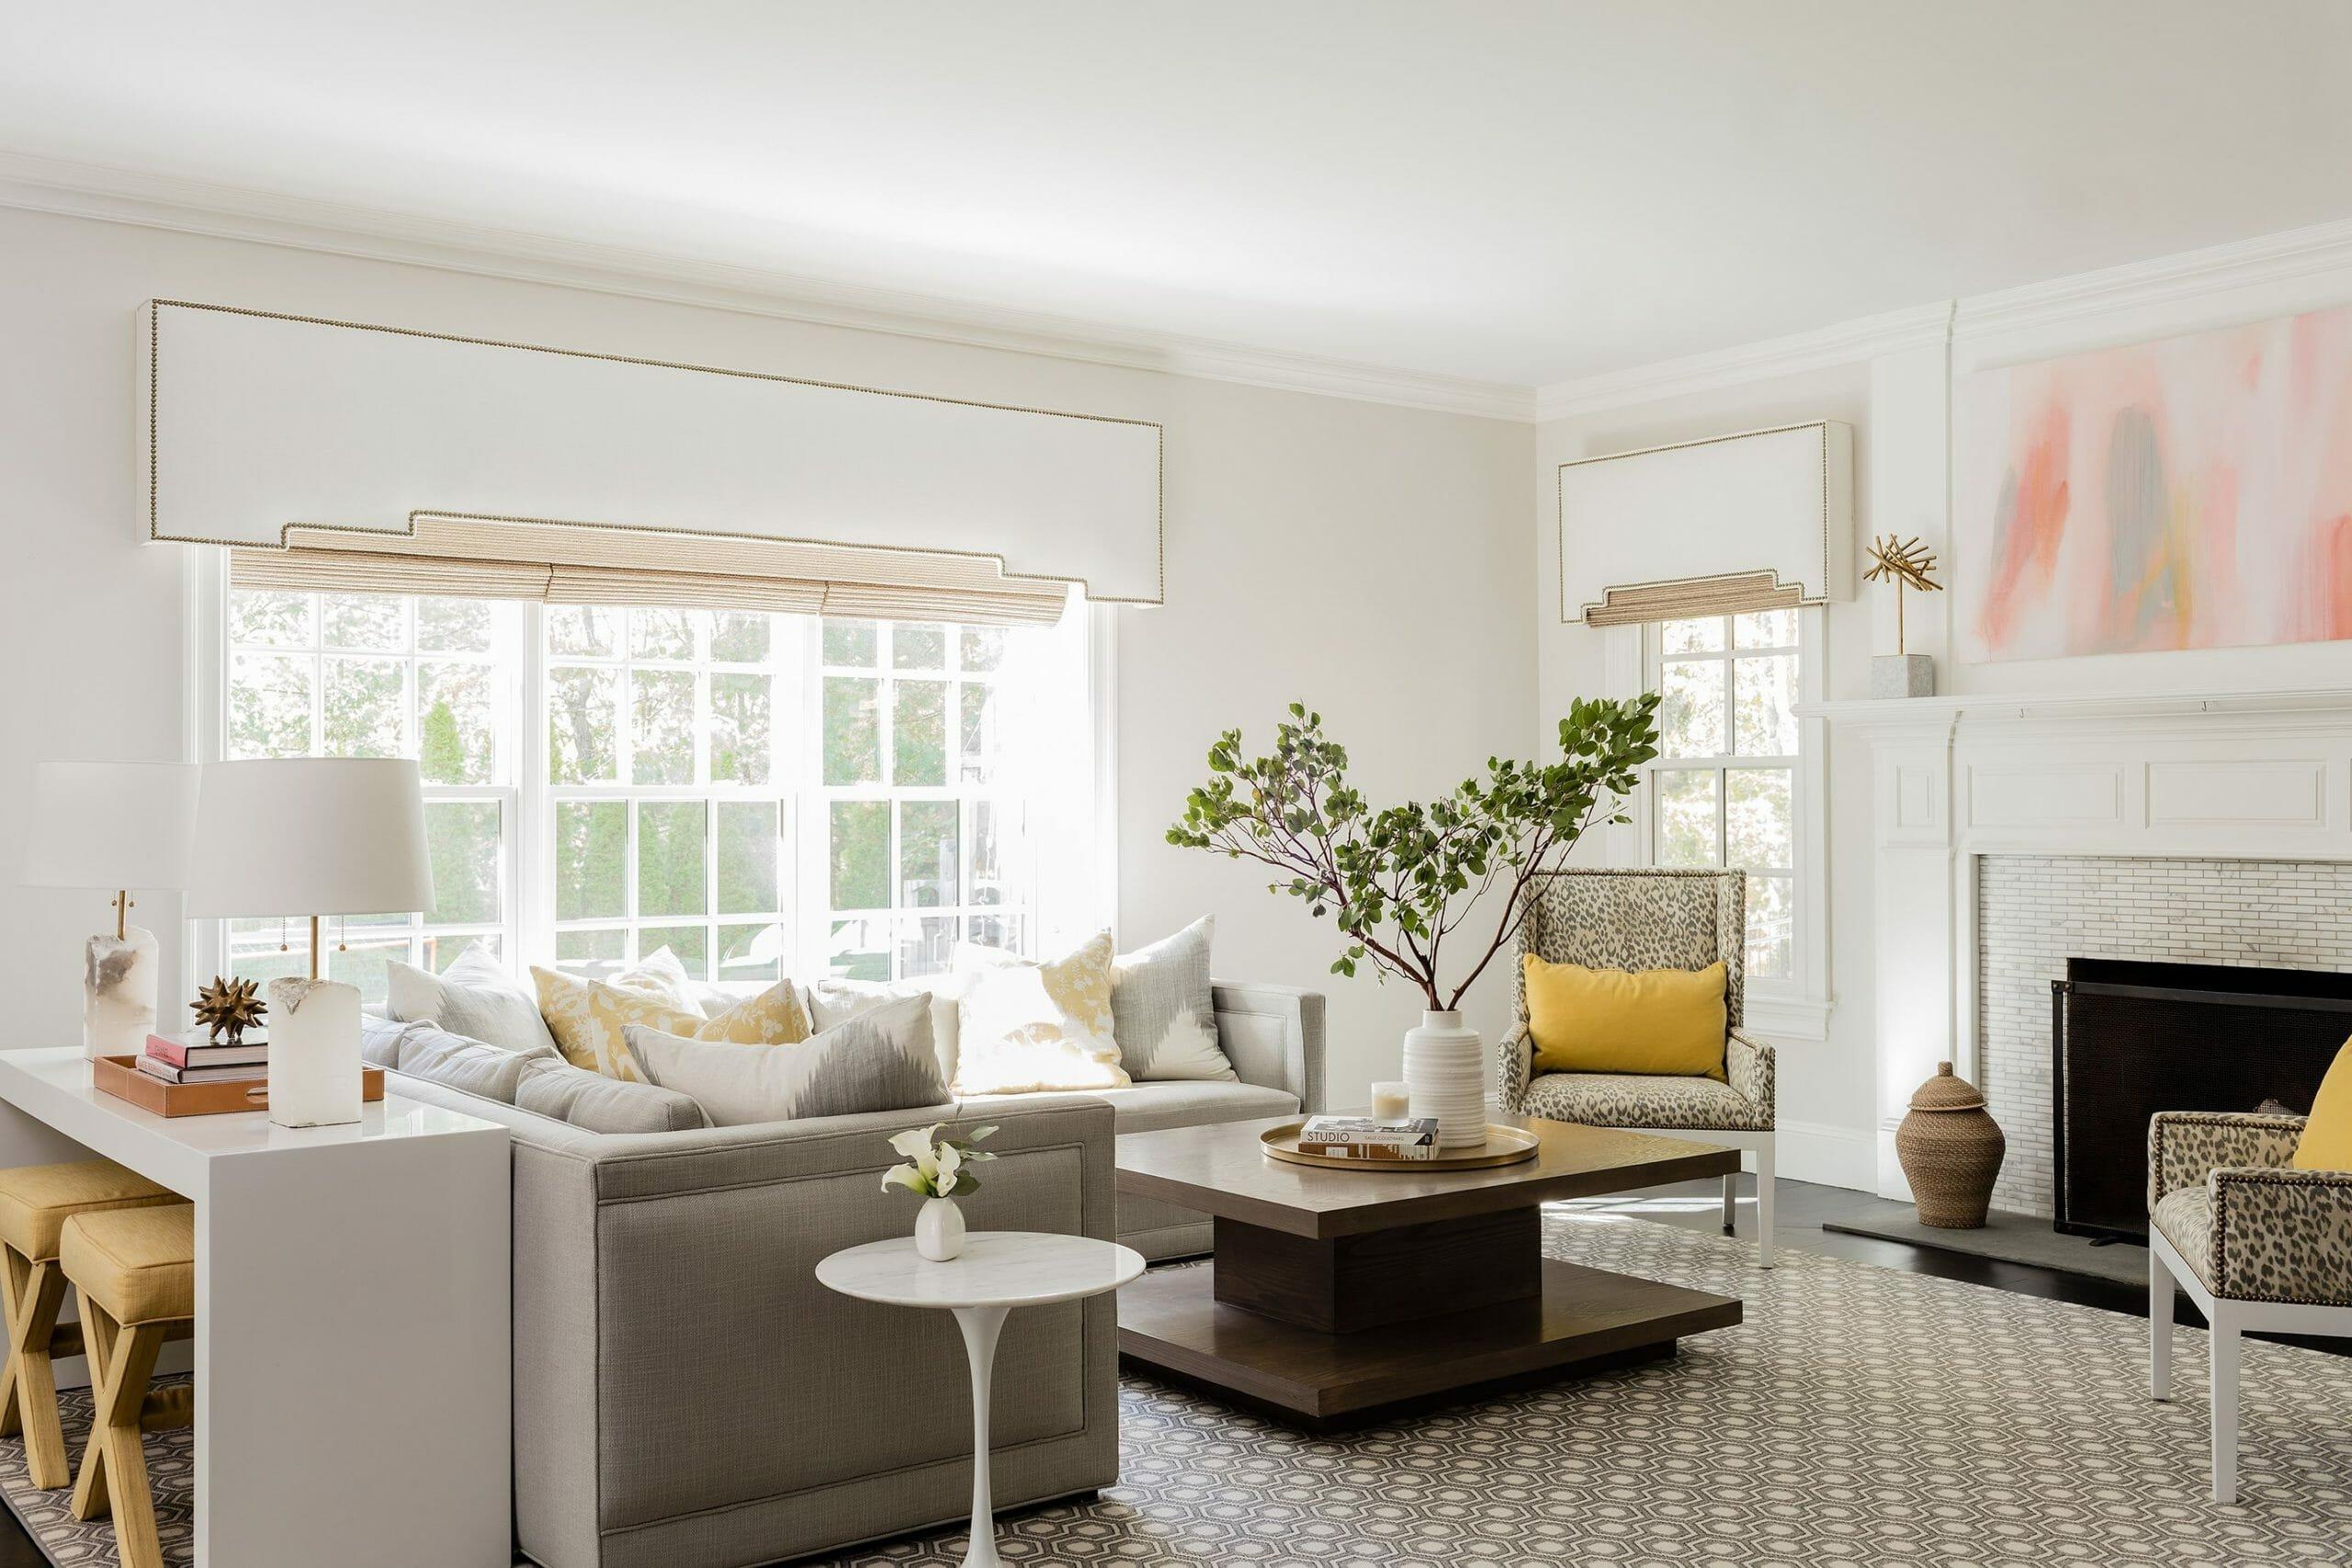 erin-gates-instagram-living room home decor